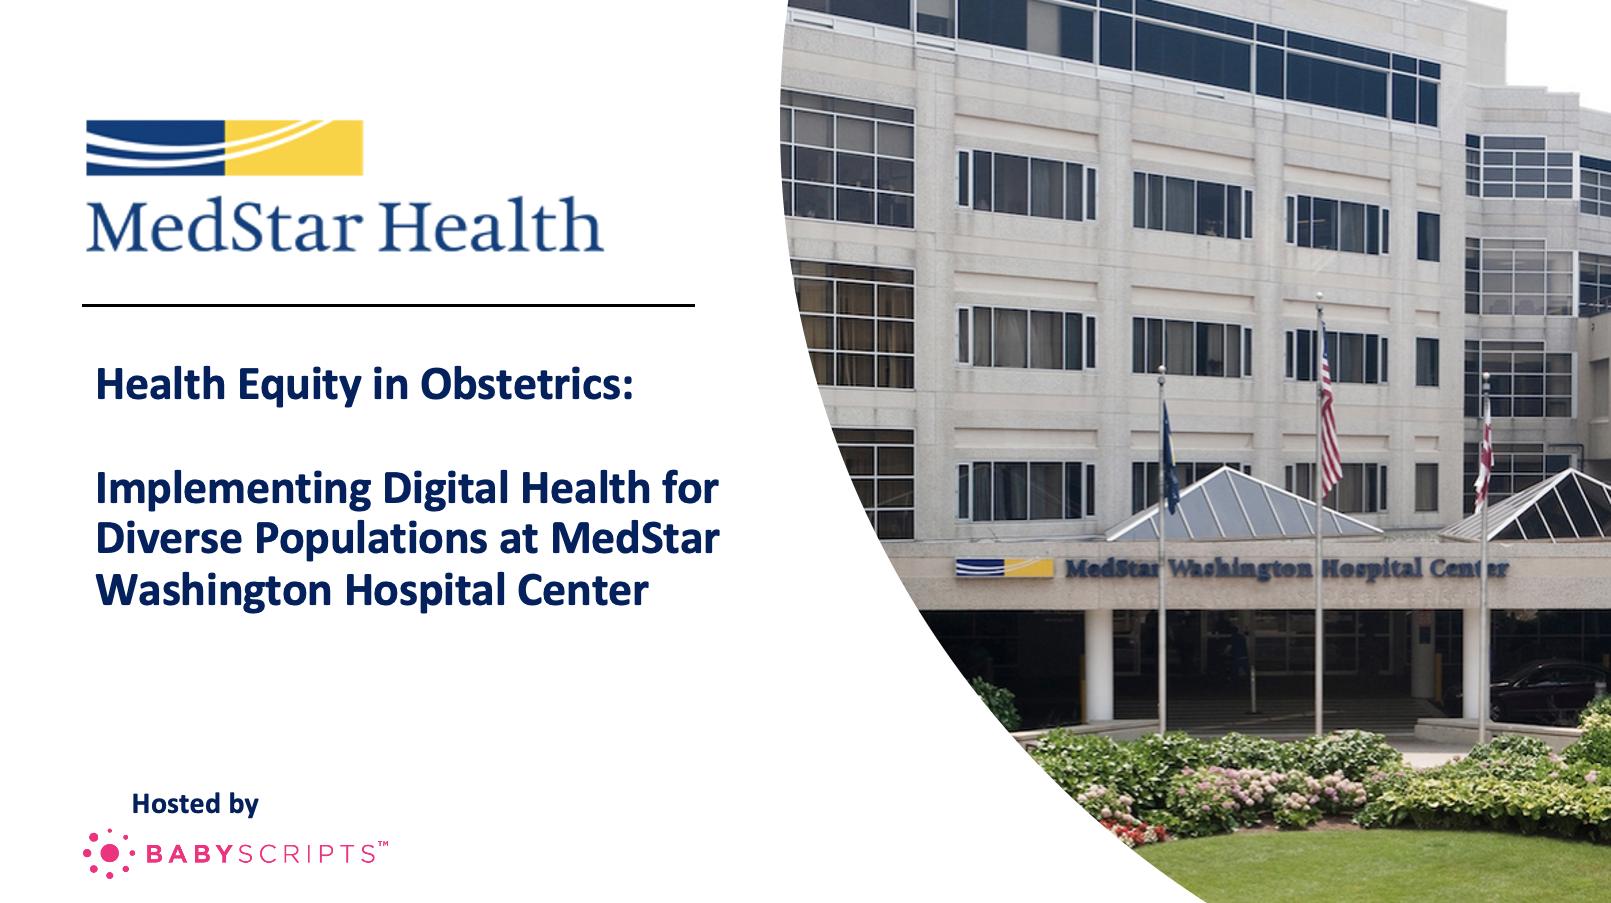 MedStar Health: Health Equity in Obstetrics